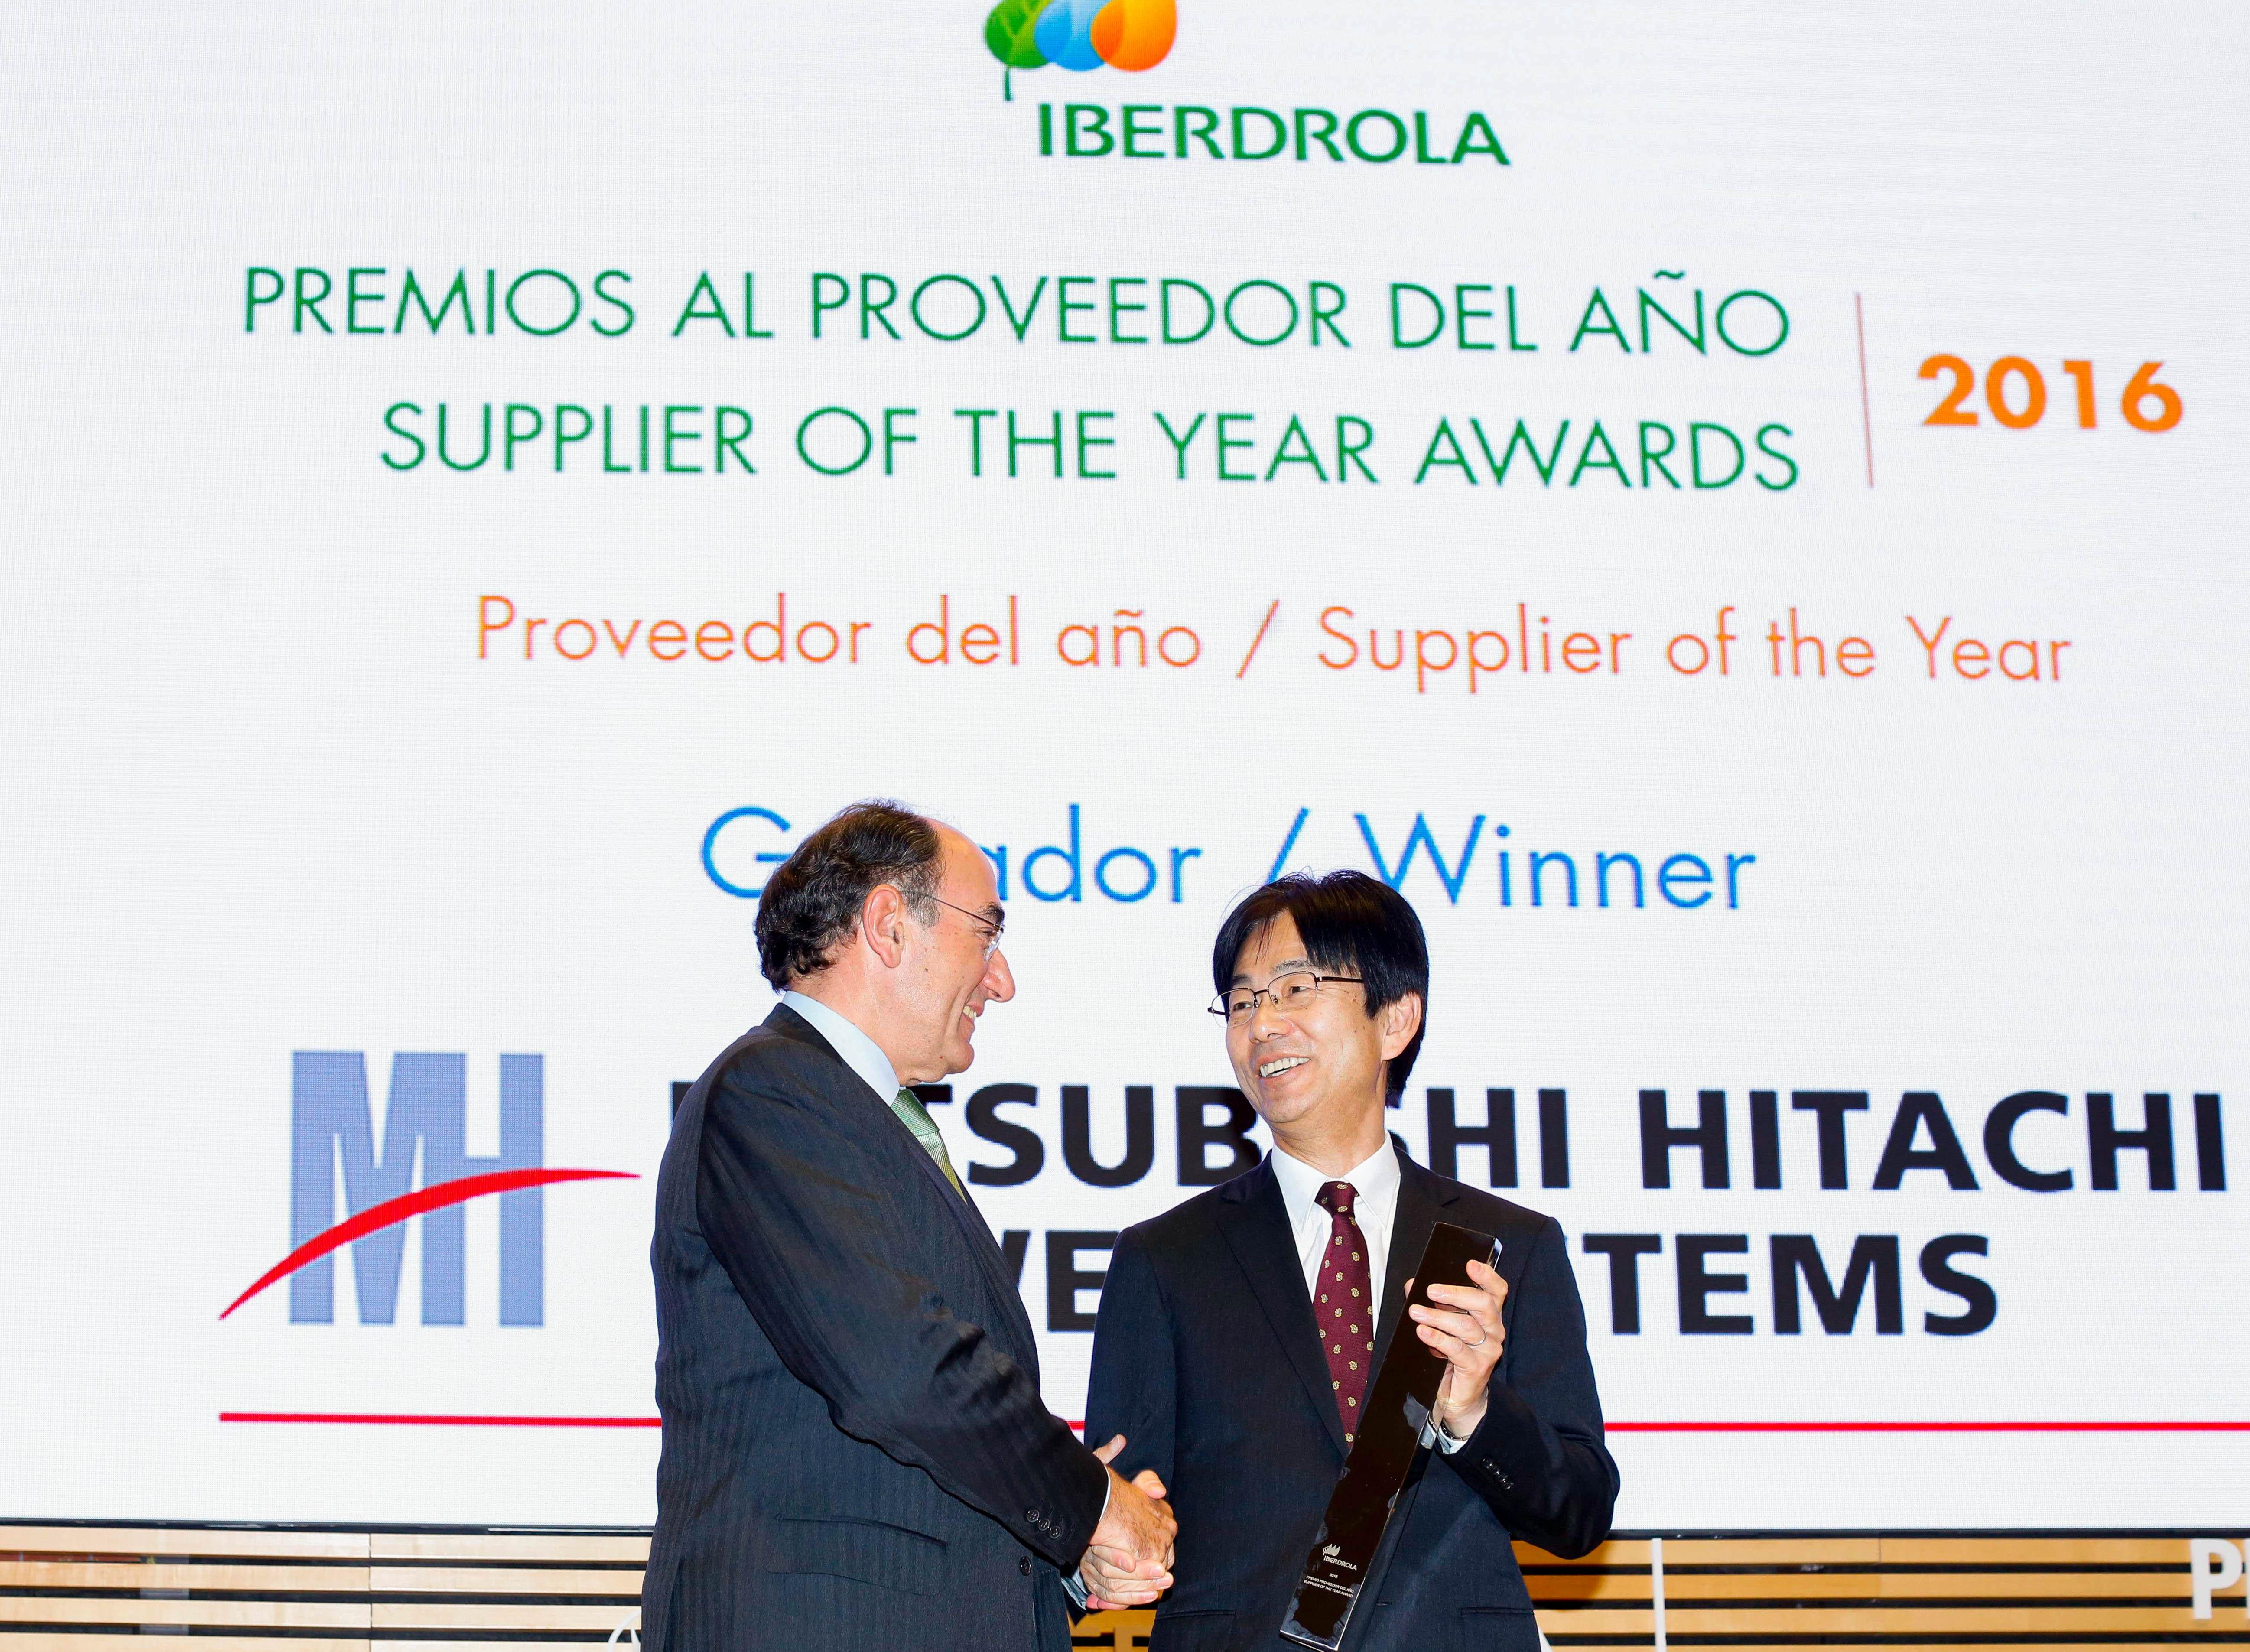 Ignacio S. Galán de Iberdrola presenta el premio al Proveedor del Año a Koji Hasegawa de MHPS. (Fotografía: Business Wire)